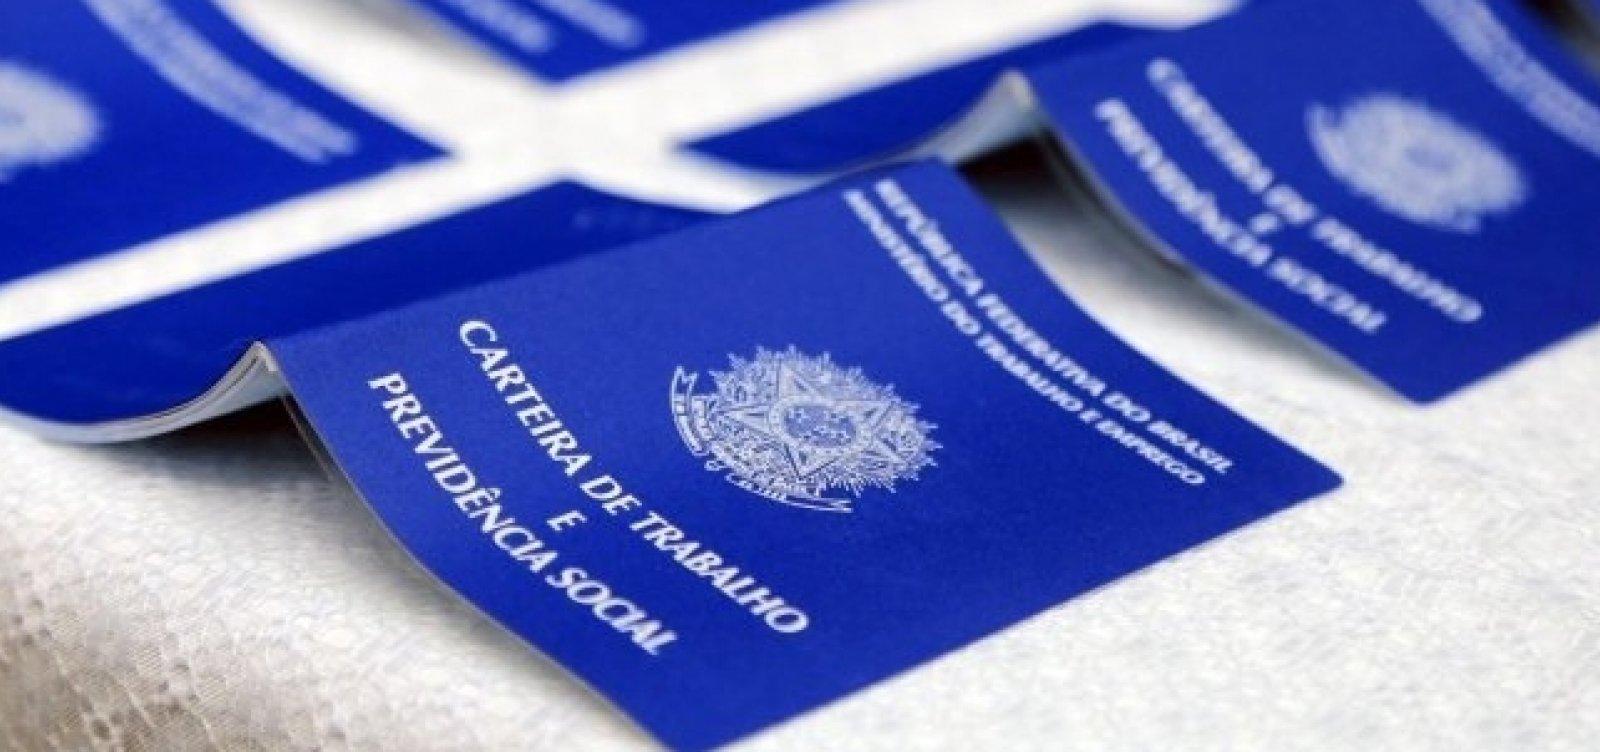 Codefat decide não realizar pagamentos do abono salarial no segundo semestre de 2021